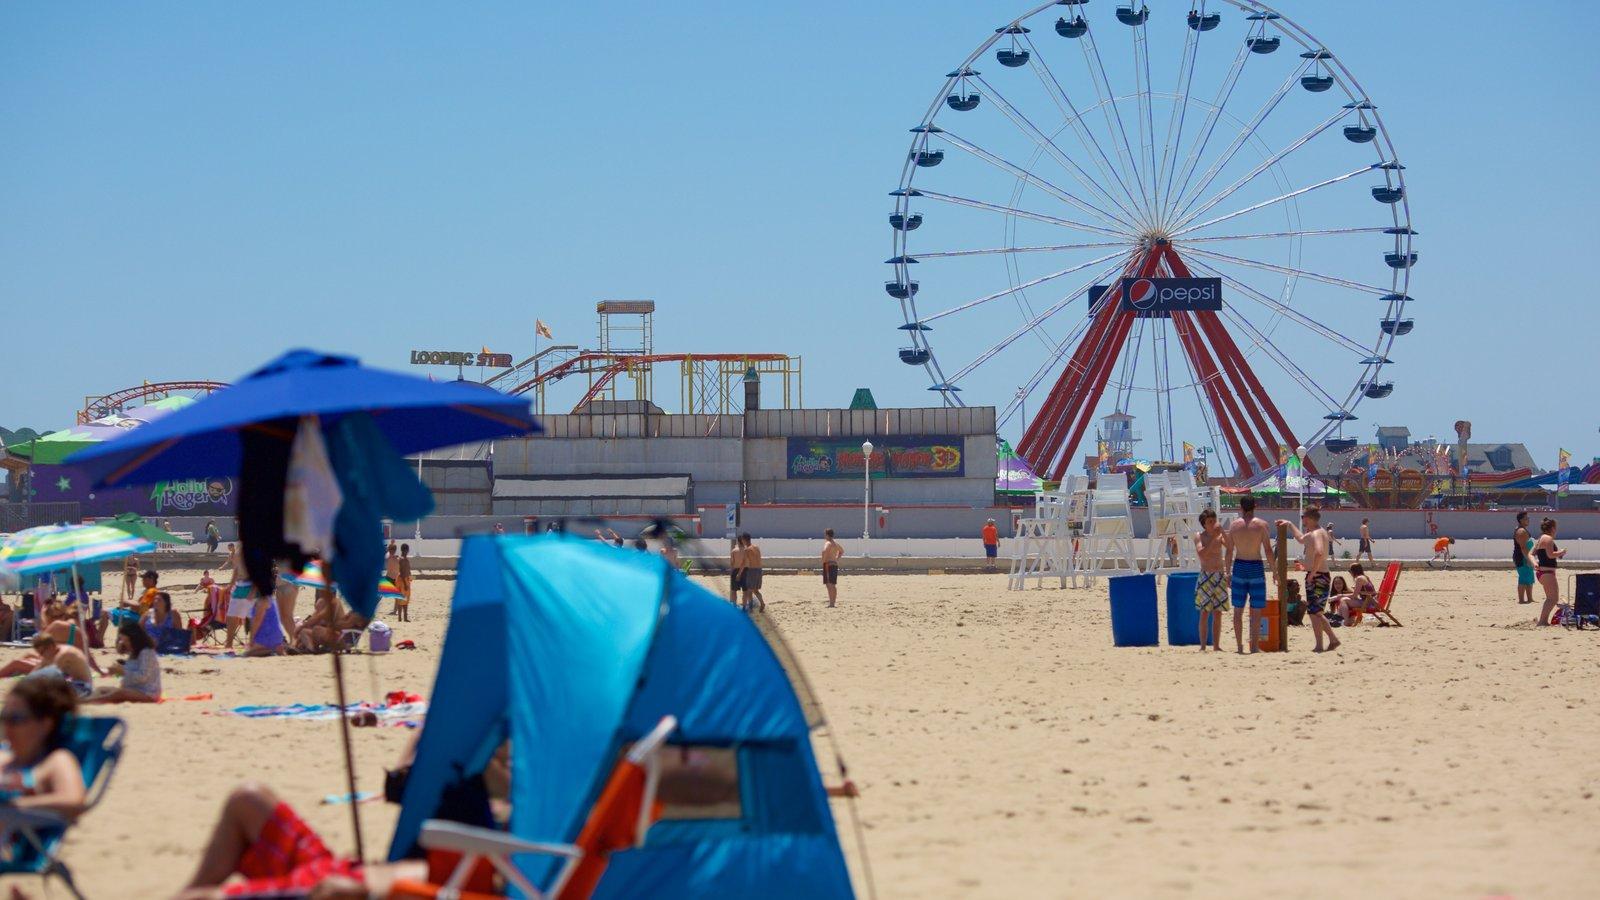 Ocean City Beach which includes general coastal views, rides and a sandy beach